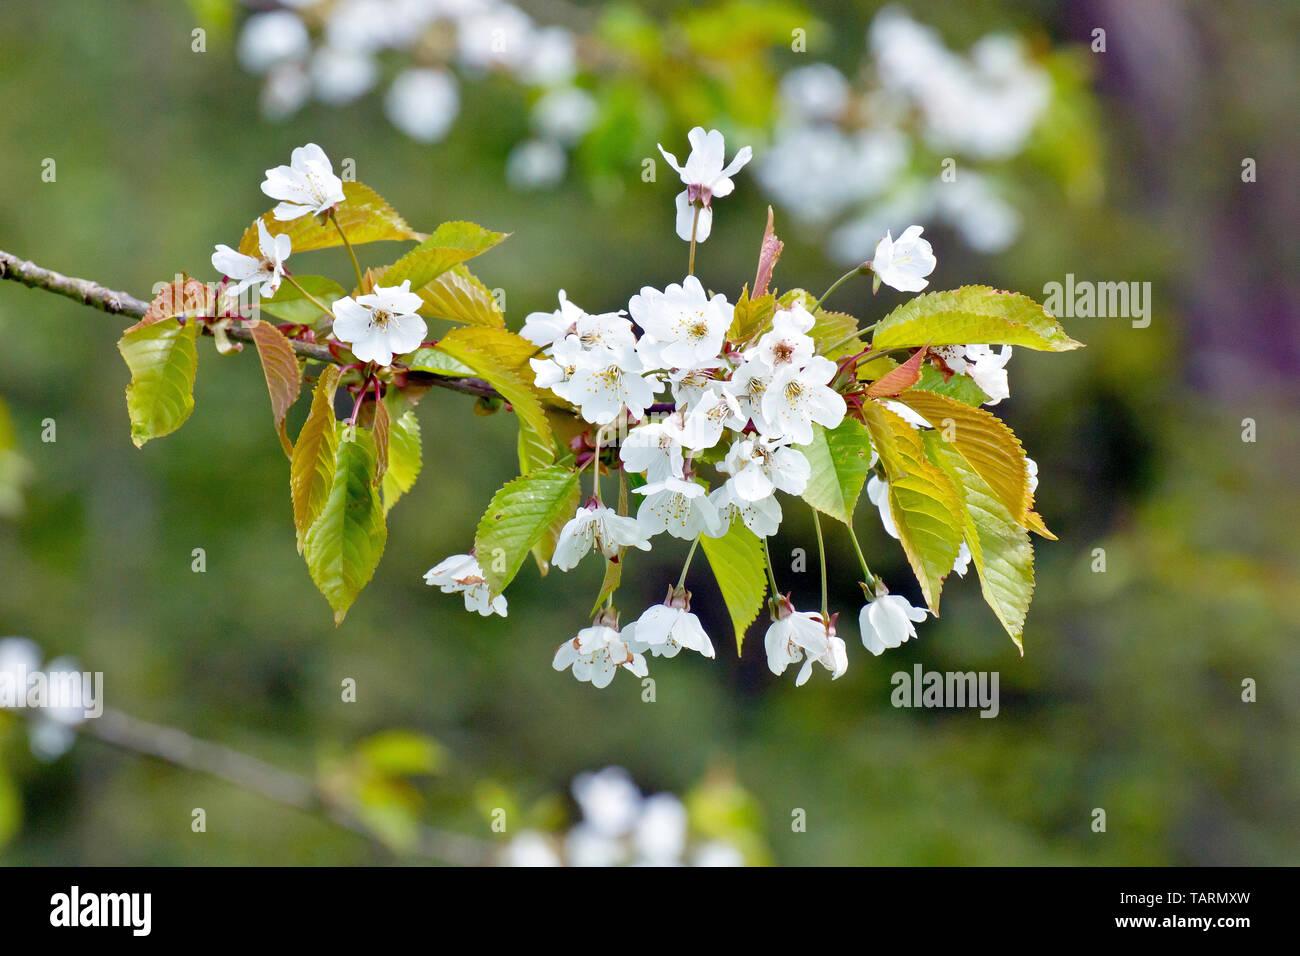 wild-cherry-blossom-prunus-avium-close-u